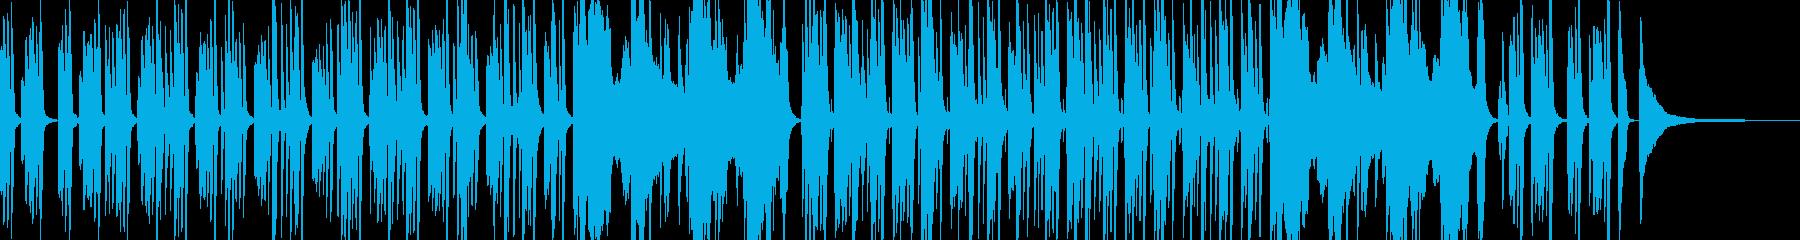 【ピアノ】日常の謎・ミステリーのBGMの再生済みの波形